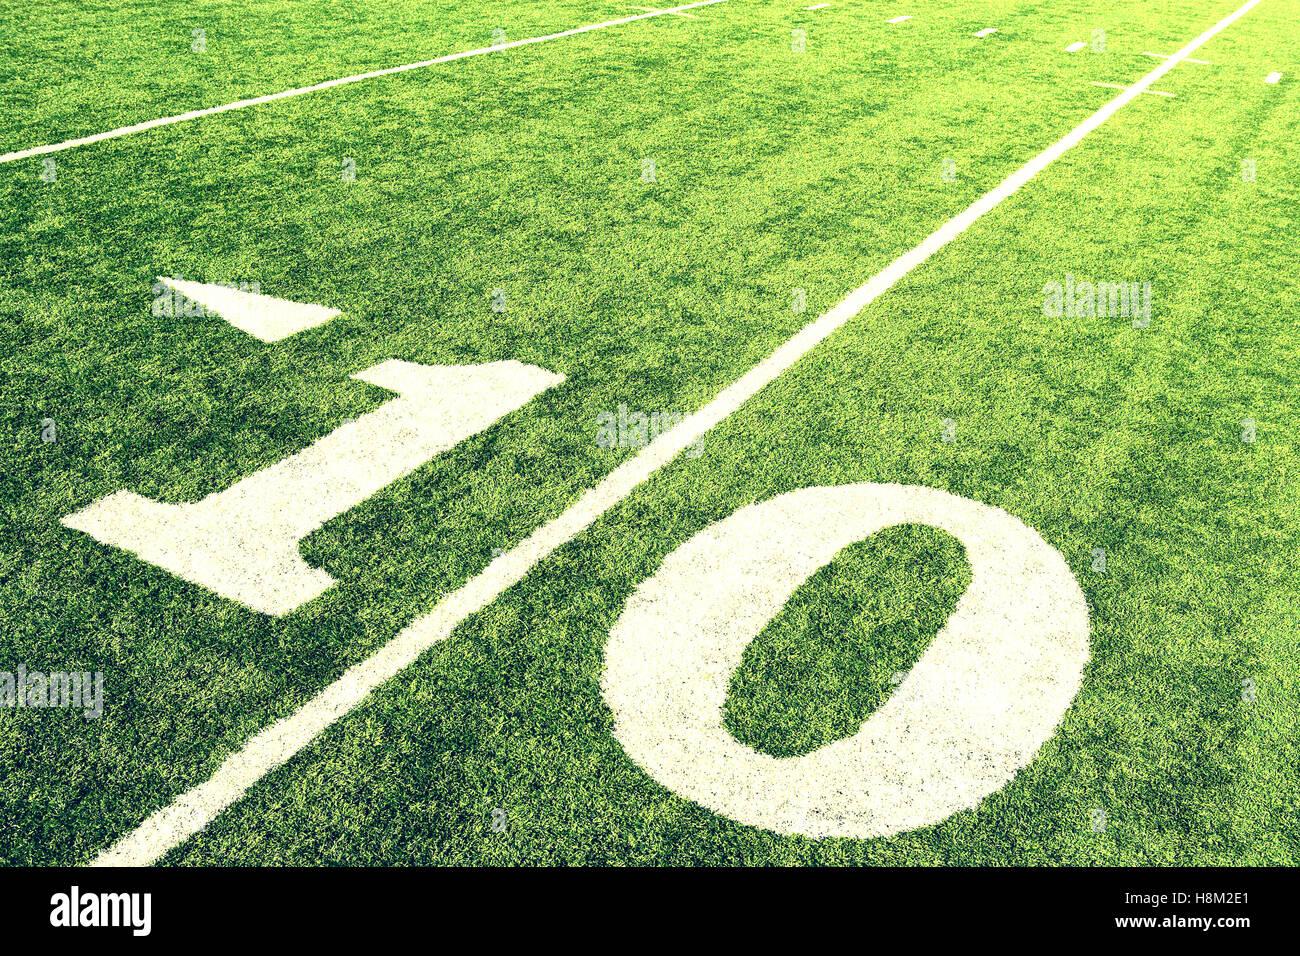 10-Yard-Linie Stockfoto